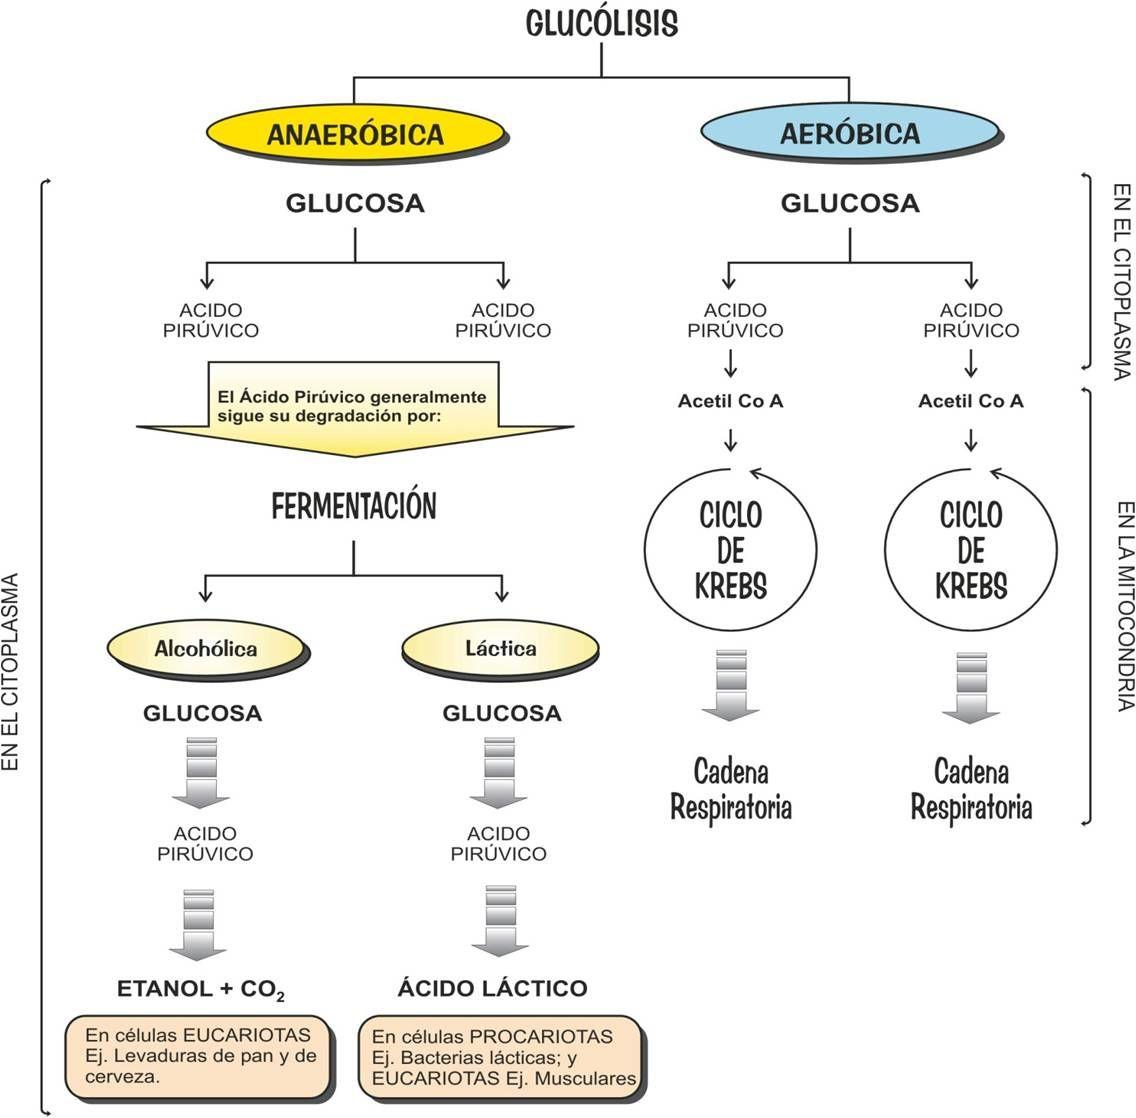 Resultado de imaxes para Regulación glucolisis | Metabolismo ...